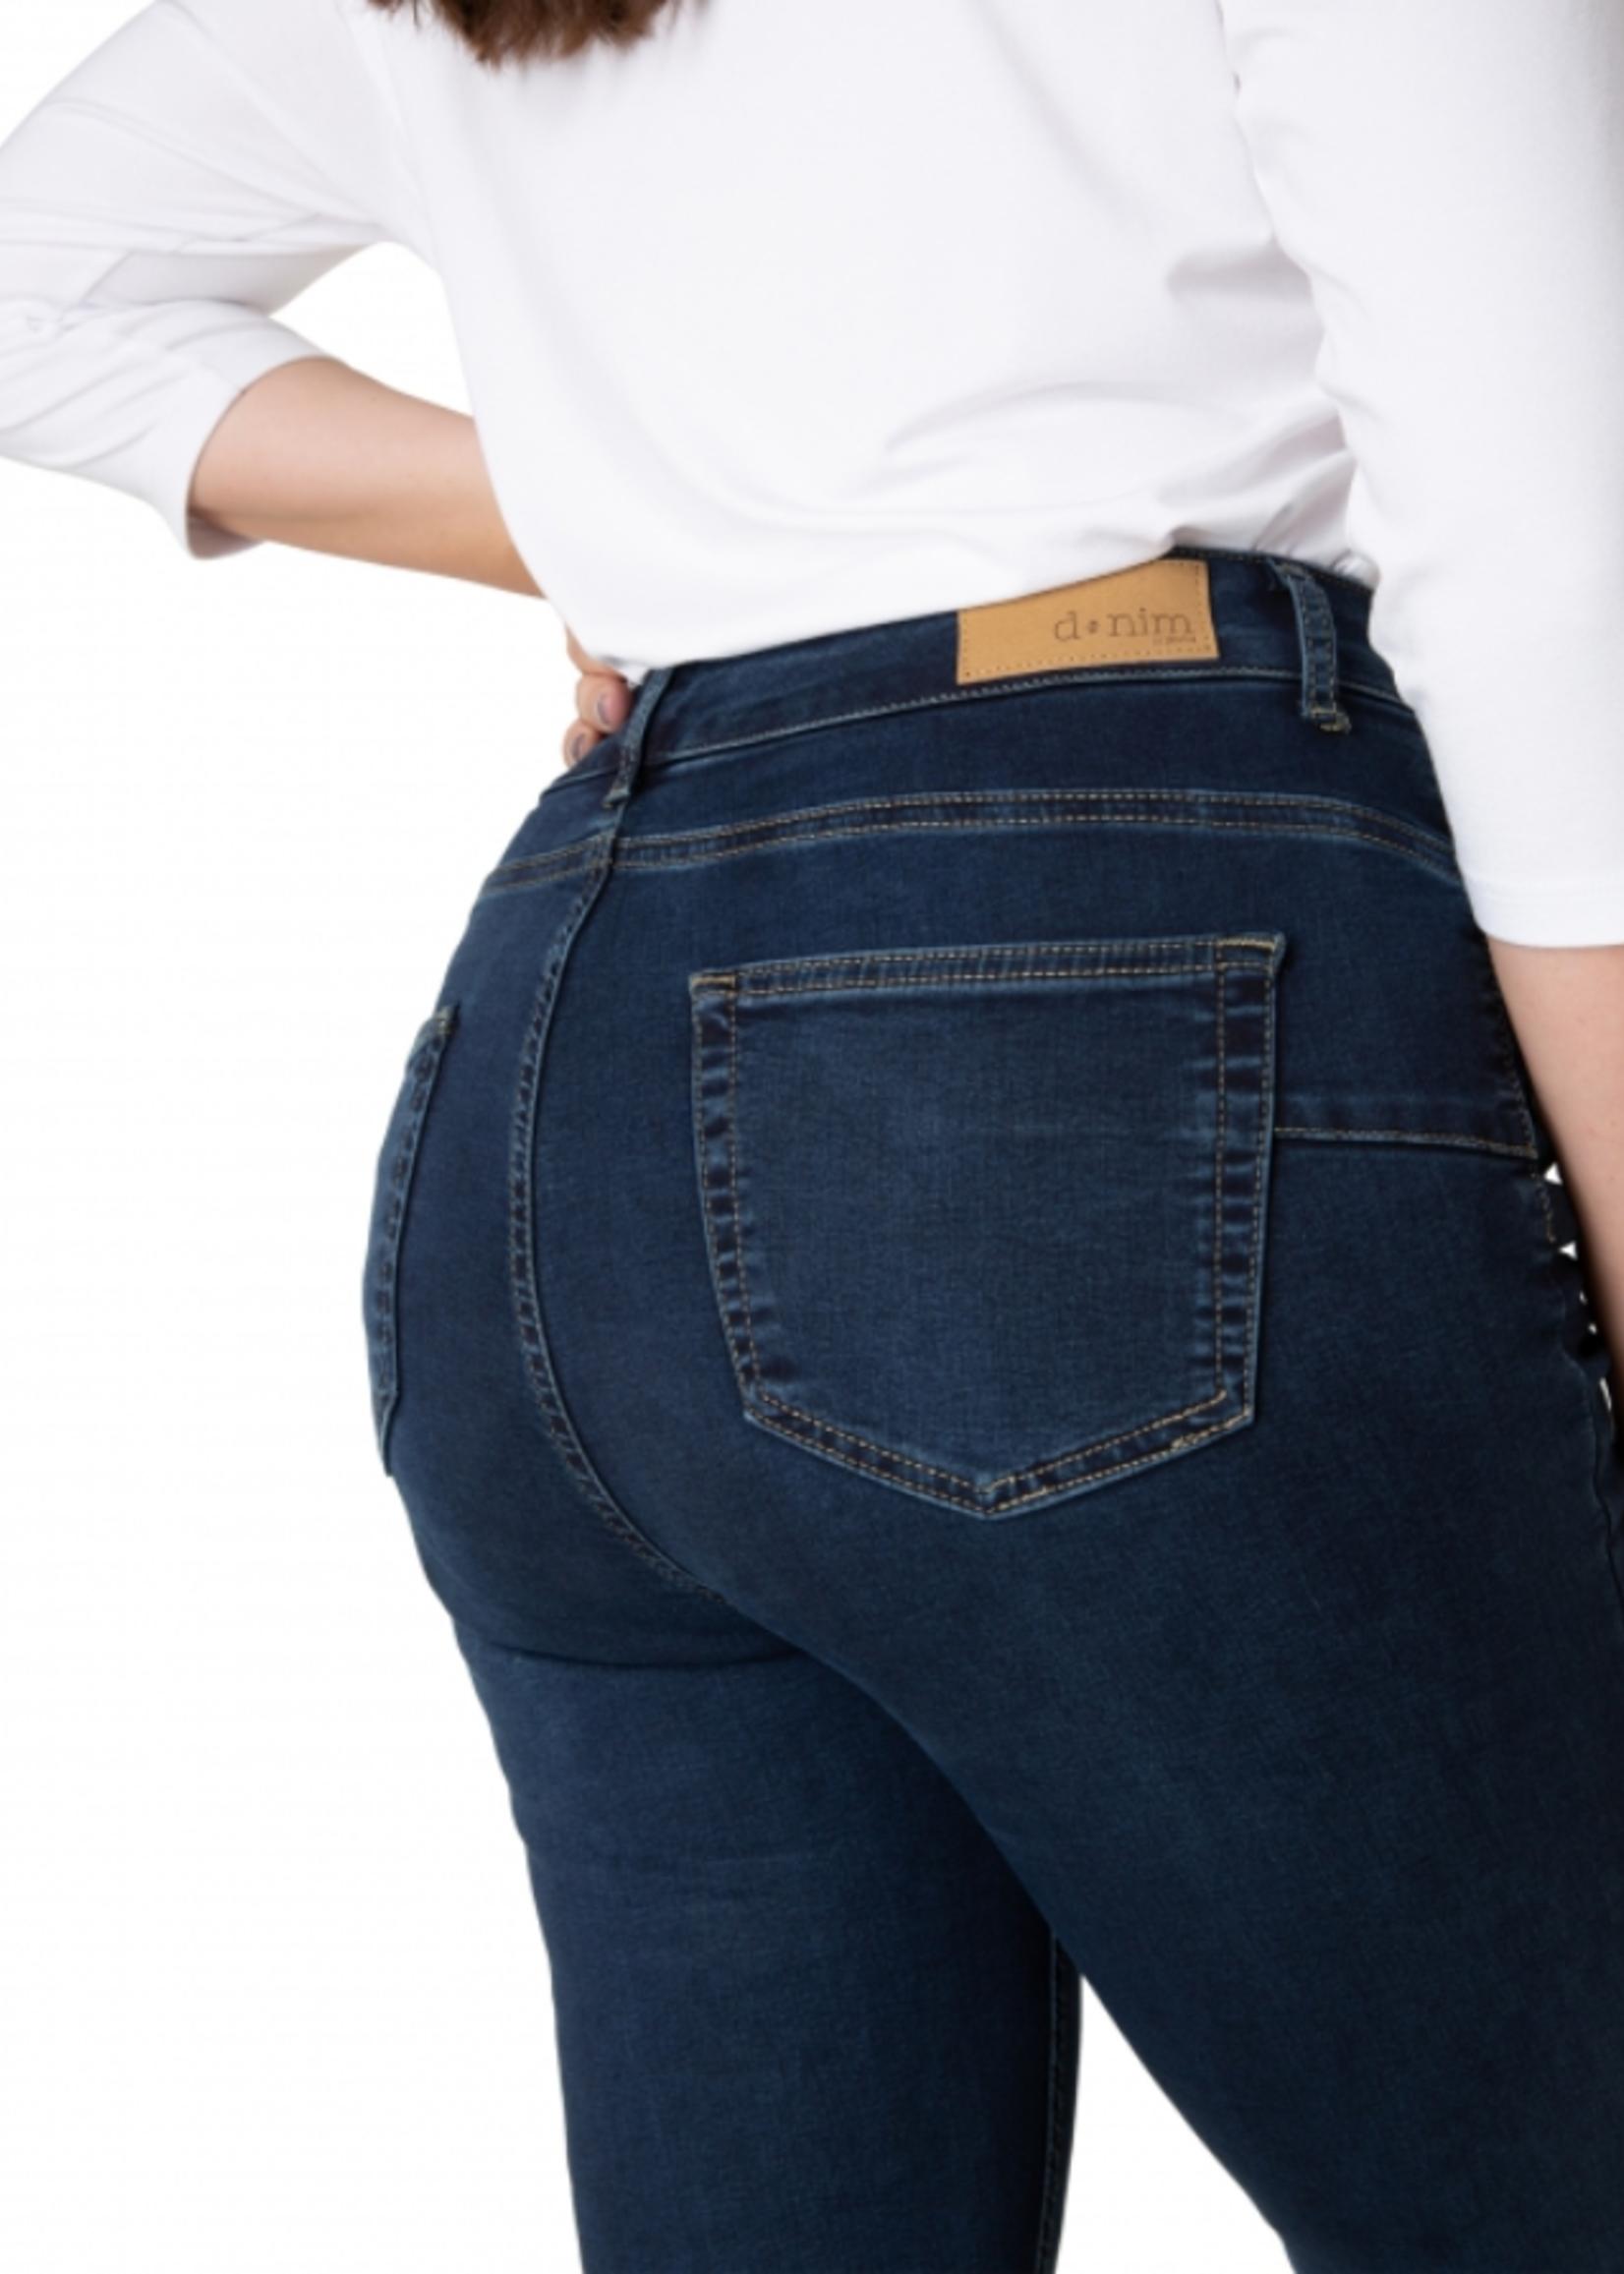 Yesta Yesta Joya Jeans